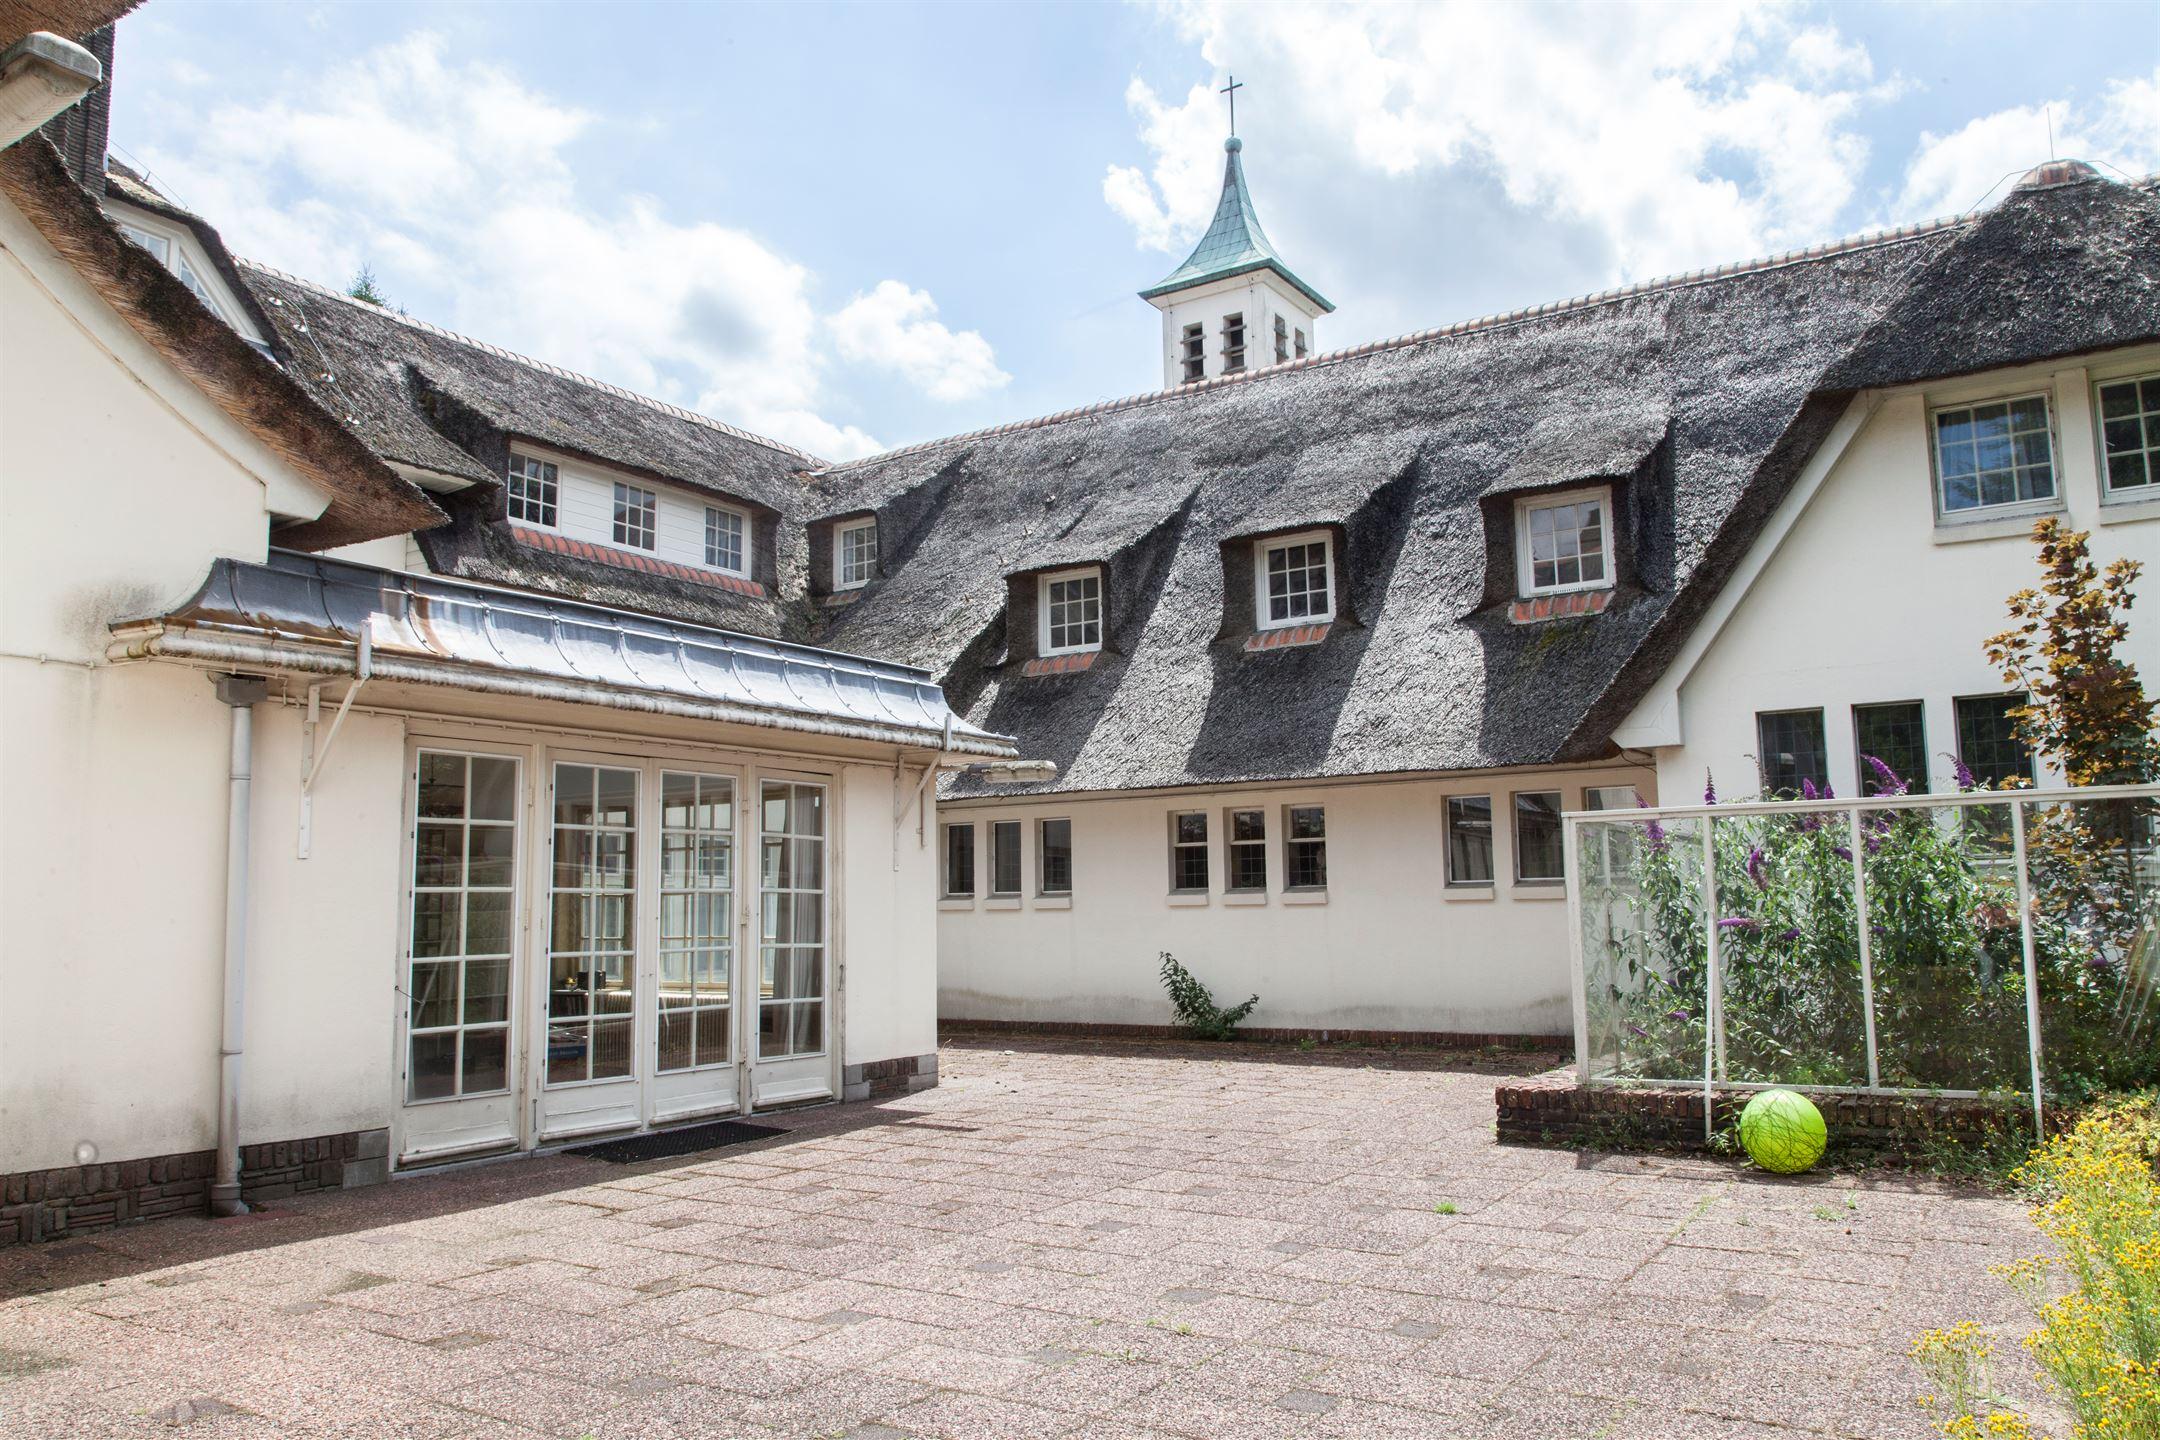 Huis te koop soestdijkerstraatweg 151 1213 vz hilversum for Huis hilversum